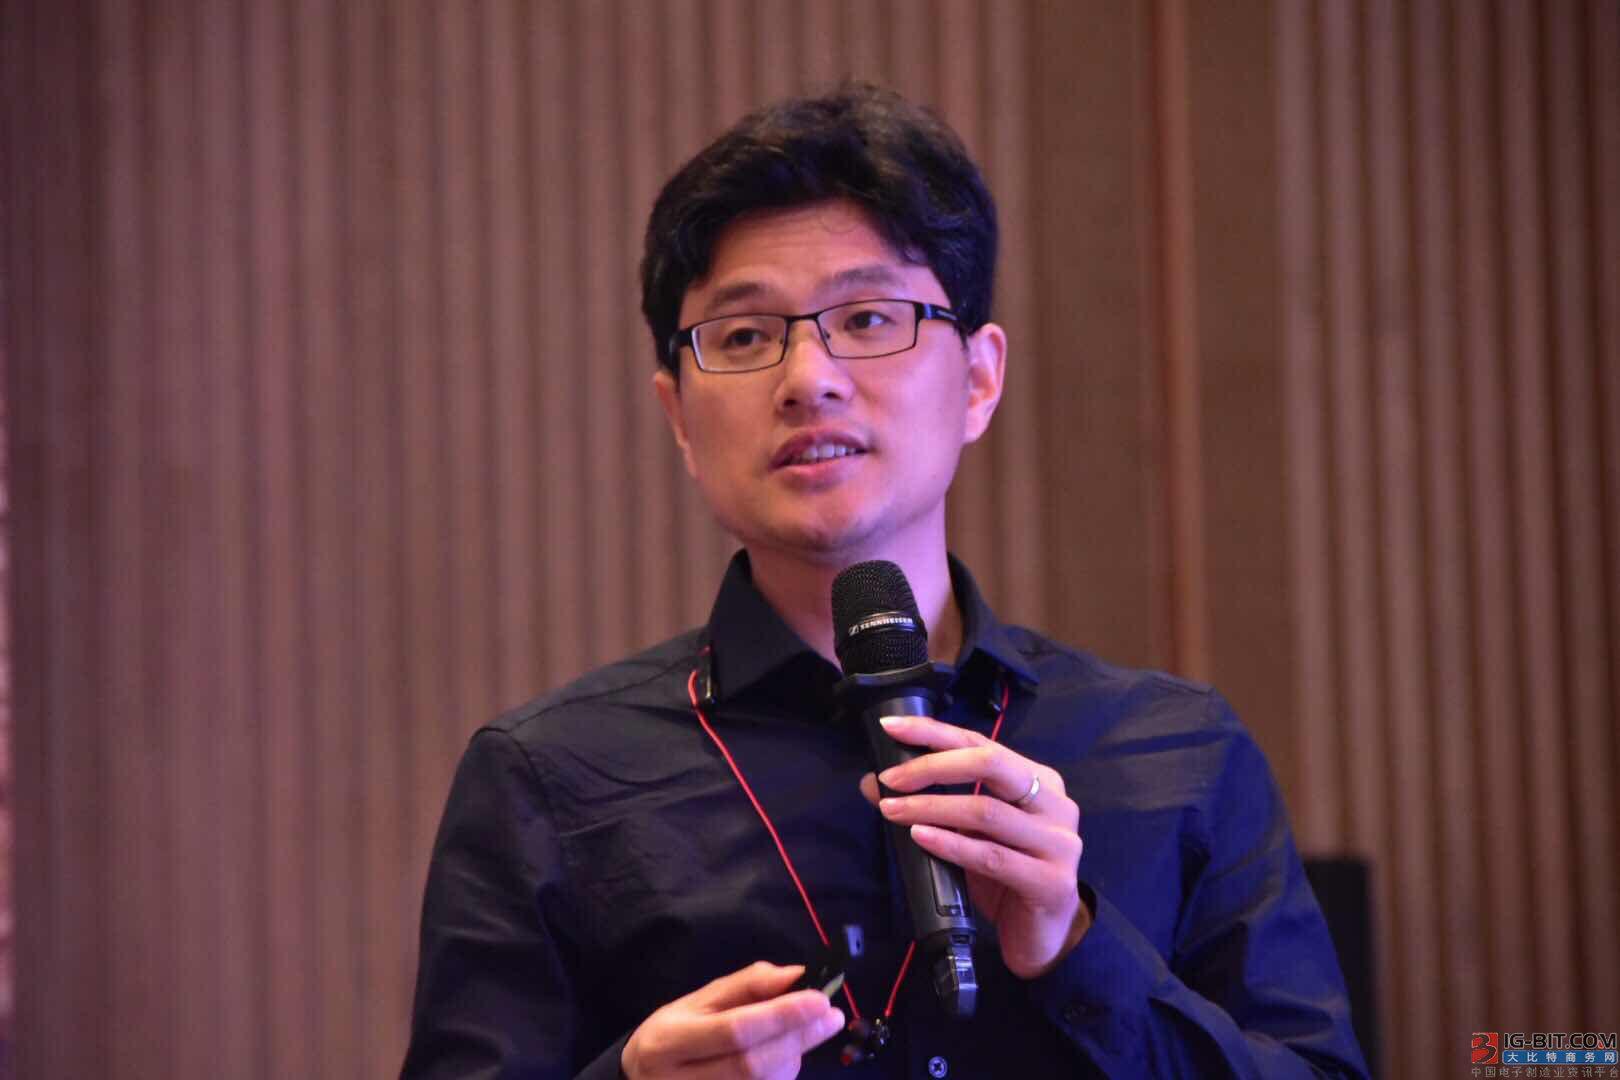 華潤矽威科技(上海)有限公司的系統應用總監吳泉清